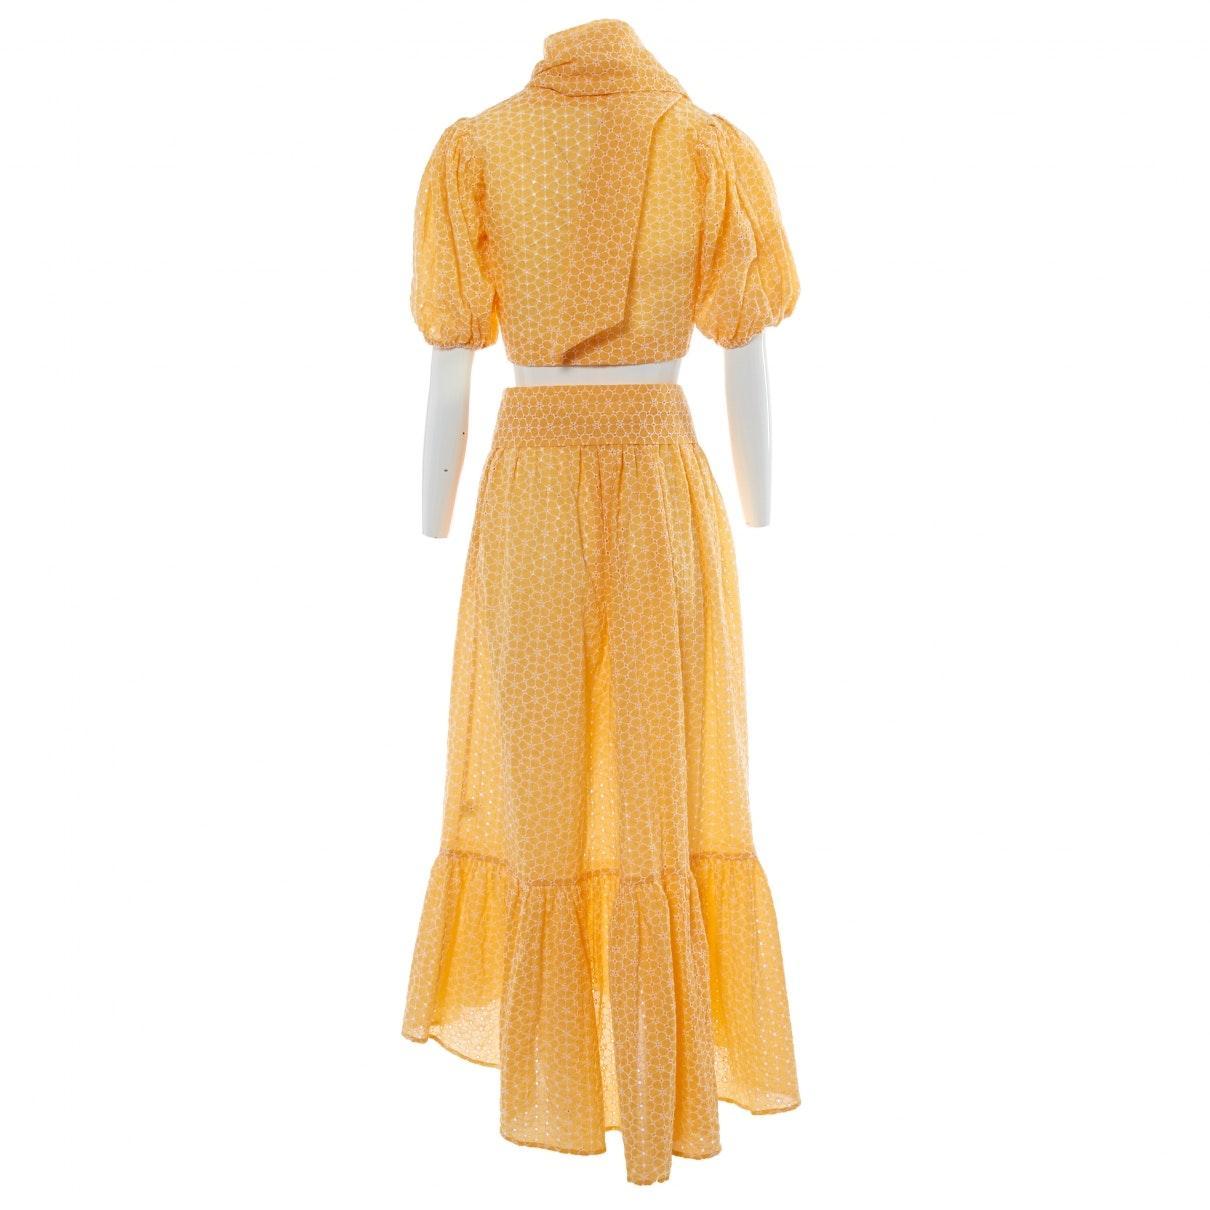 Falda en algodón amarillo Lisa Marie Fernandez de Algodón de color Amarillo